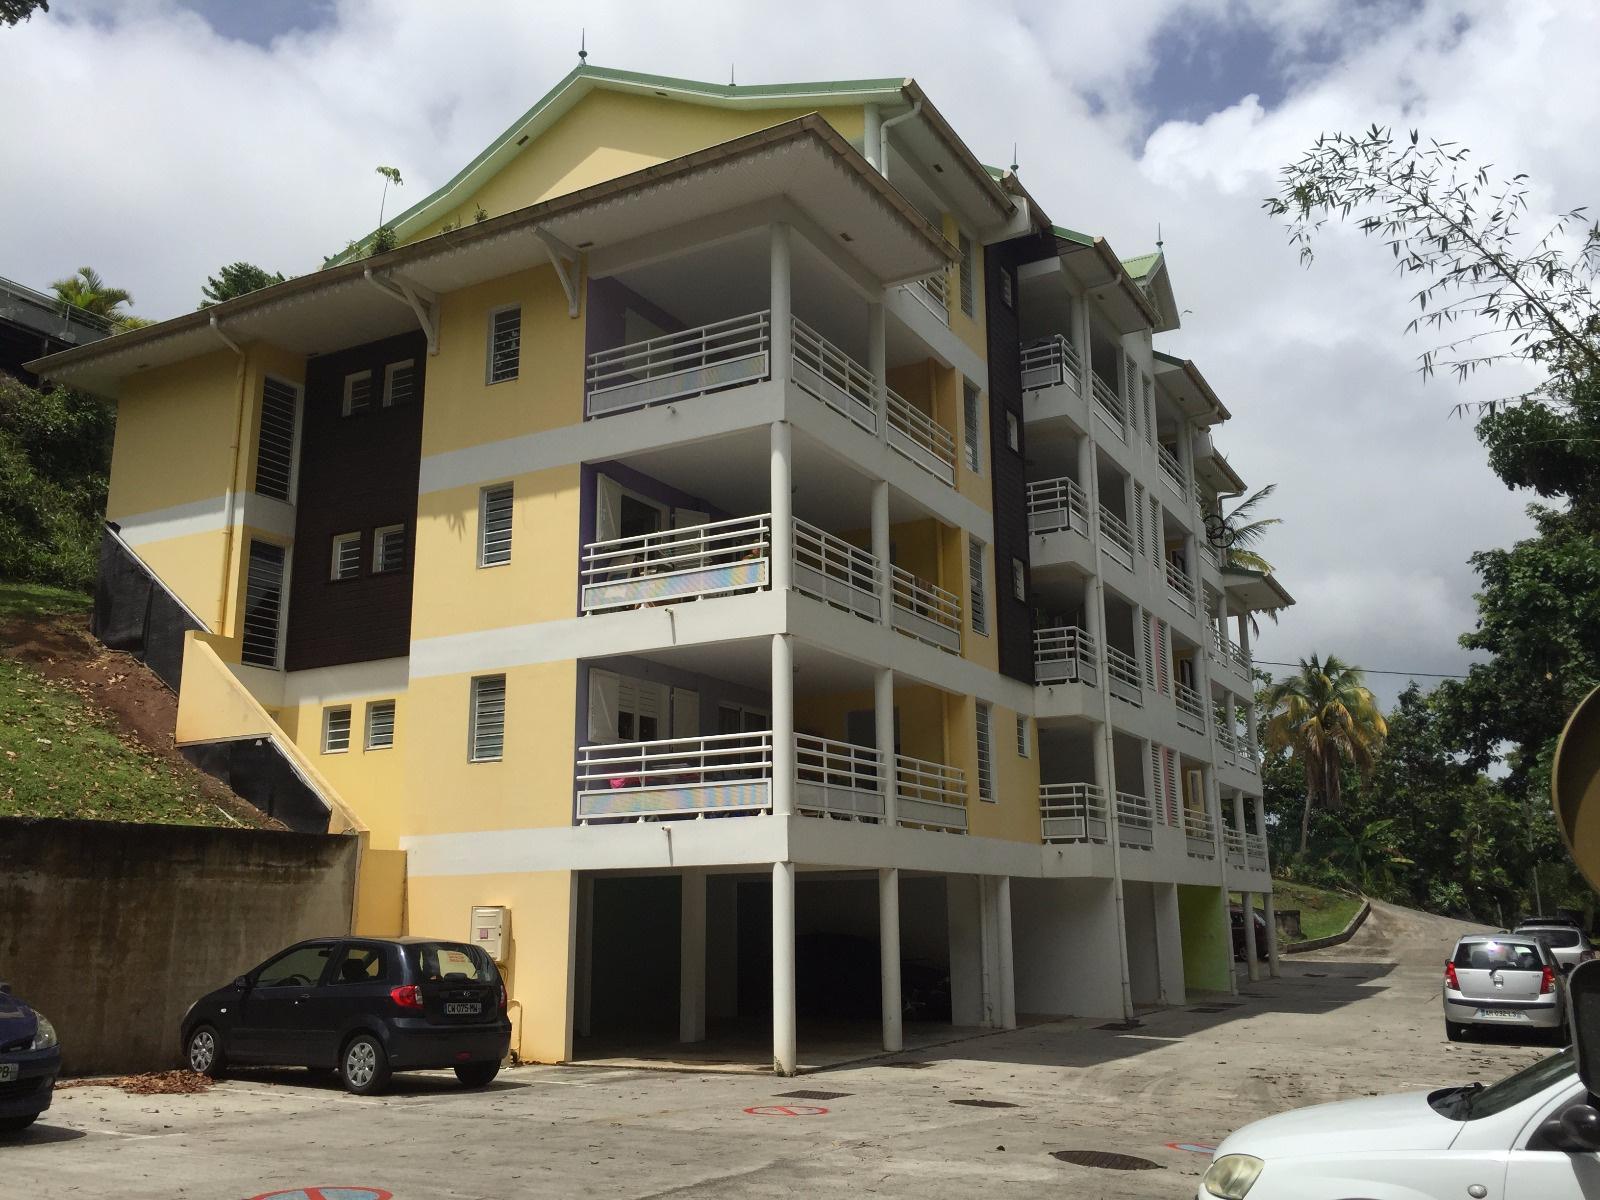 Dernier appartement en haut à gauche